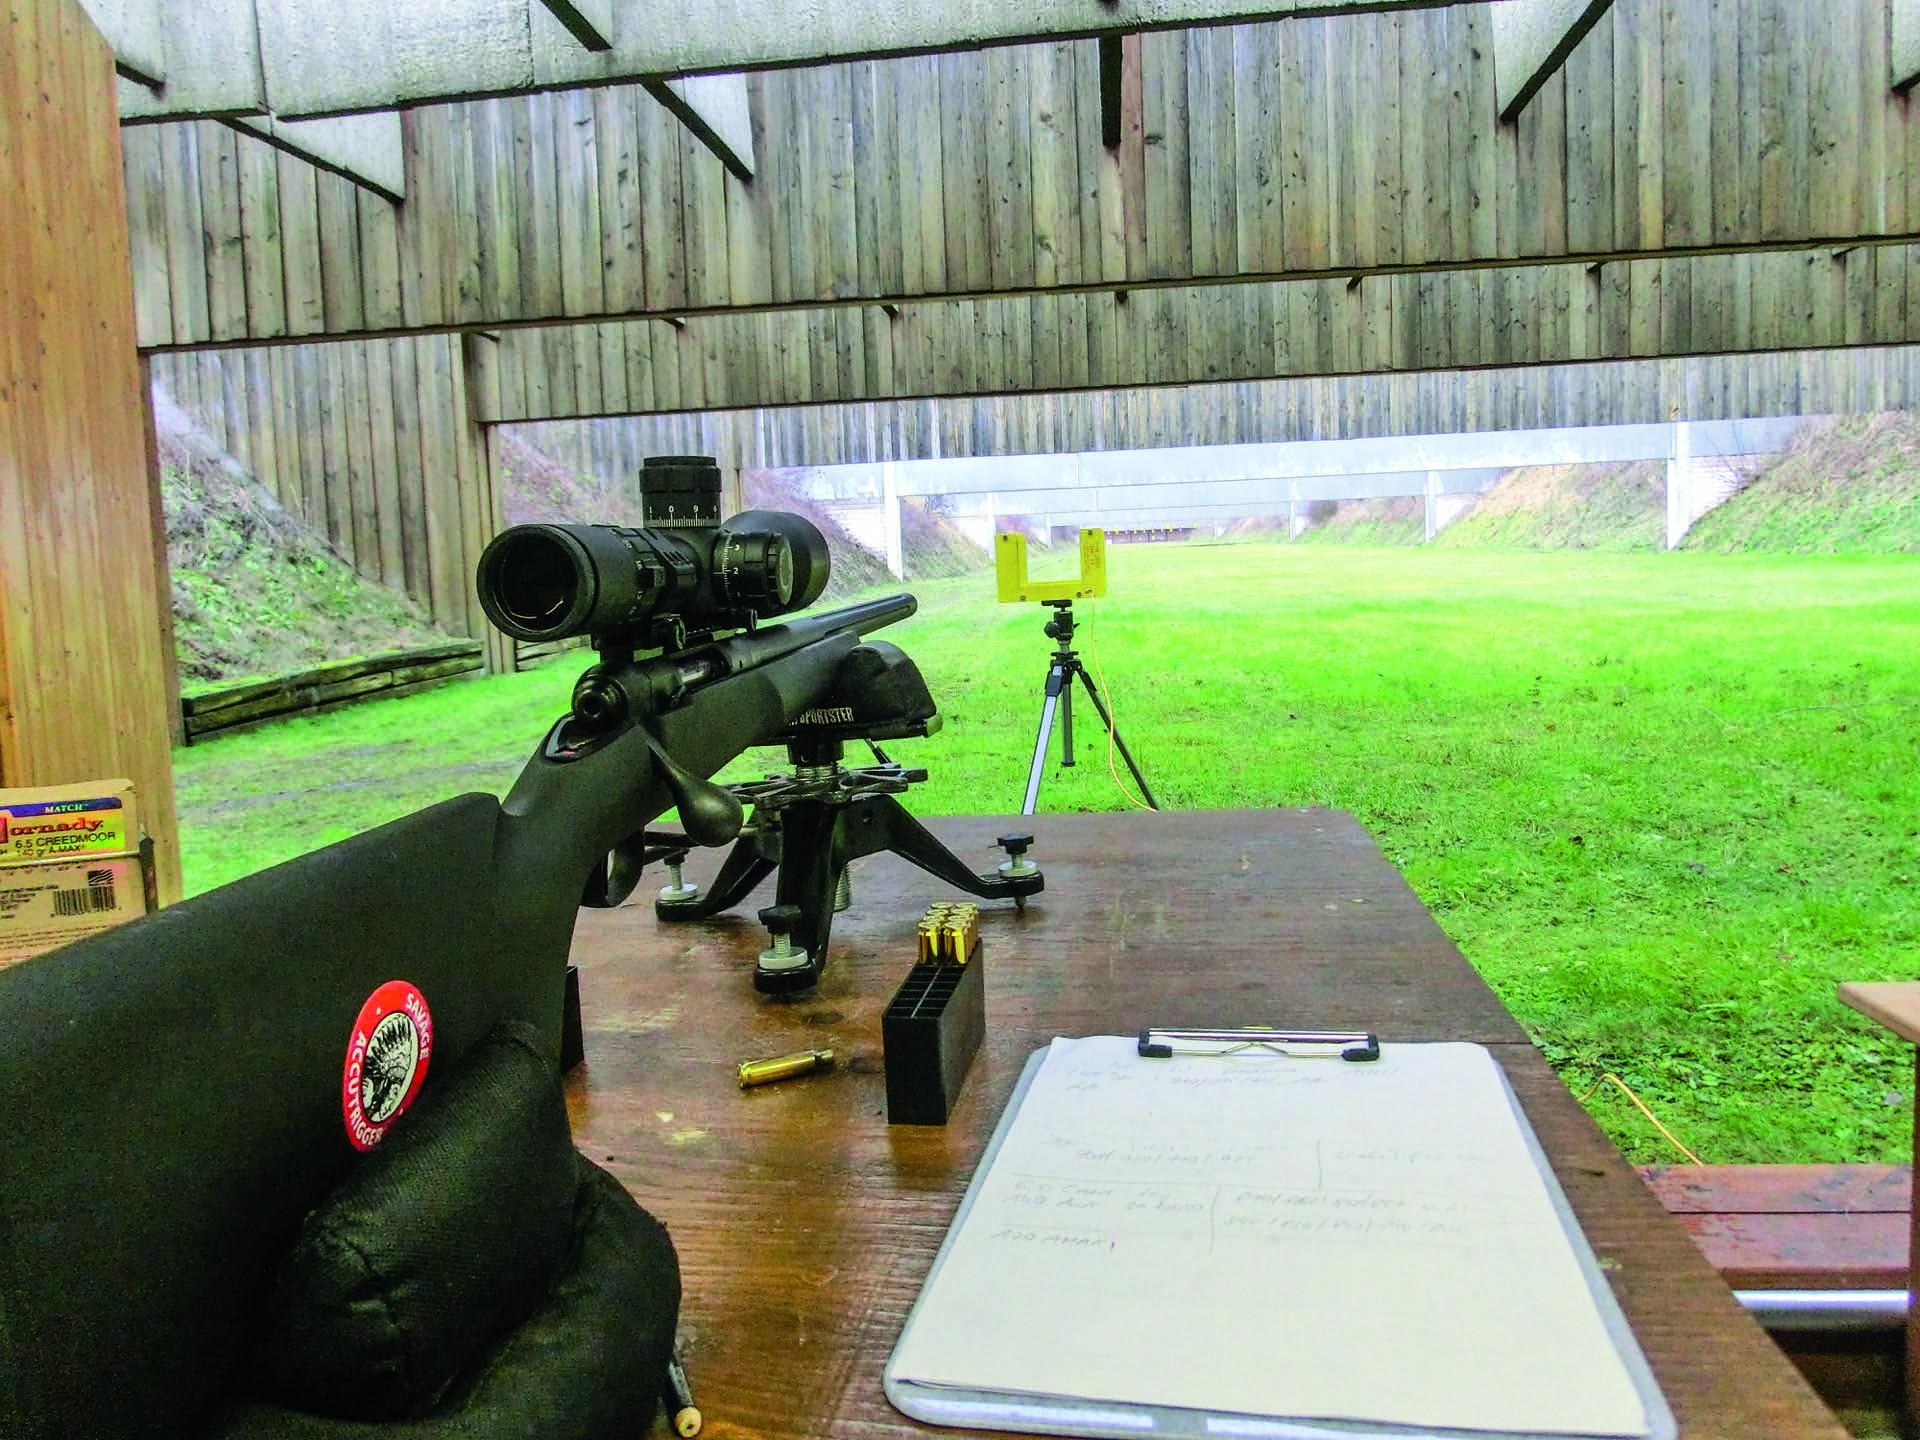 KB 1b Bild 06_CIMG0779 Kopie jaegermagazin jagd bleifreie munition kaliber beschuss buechse